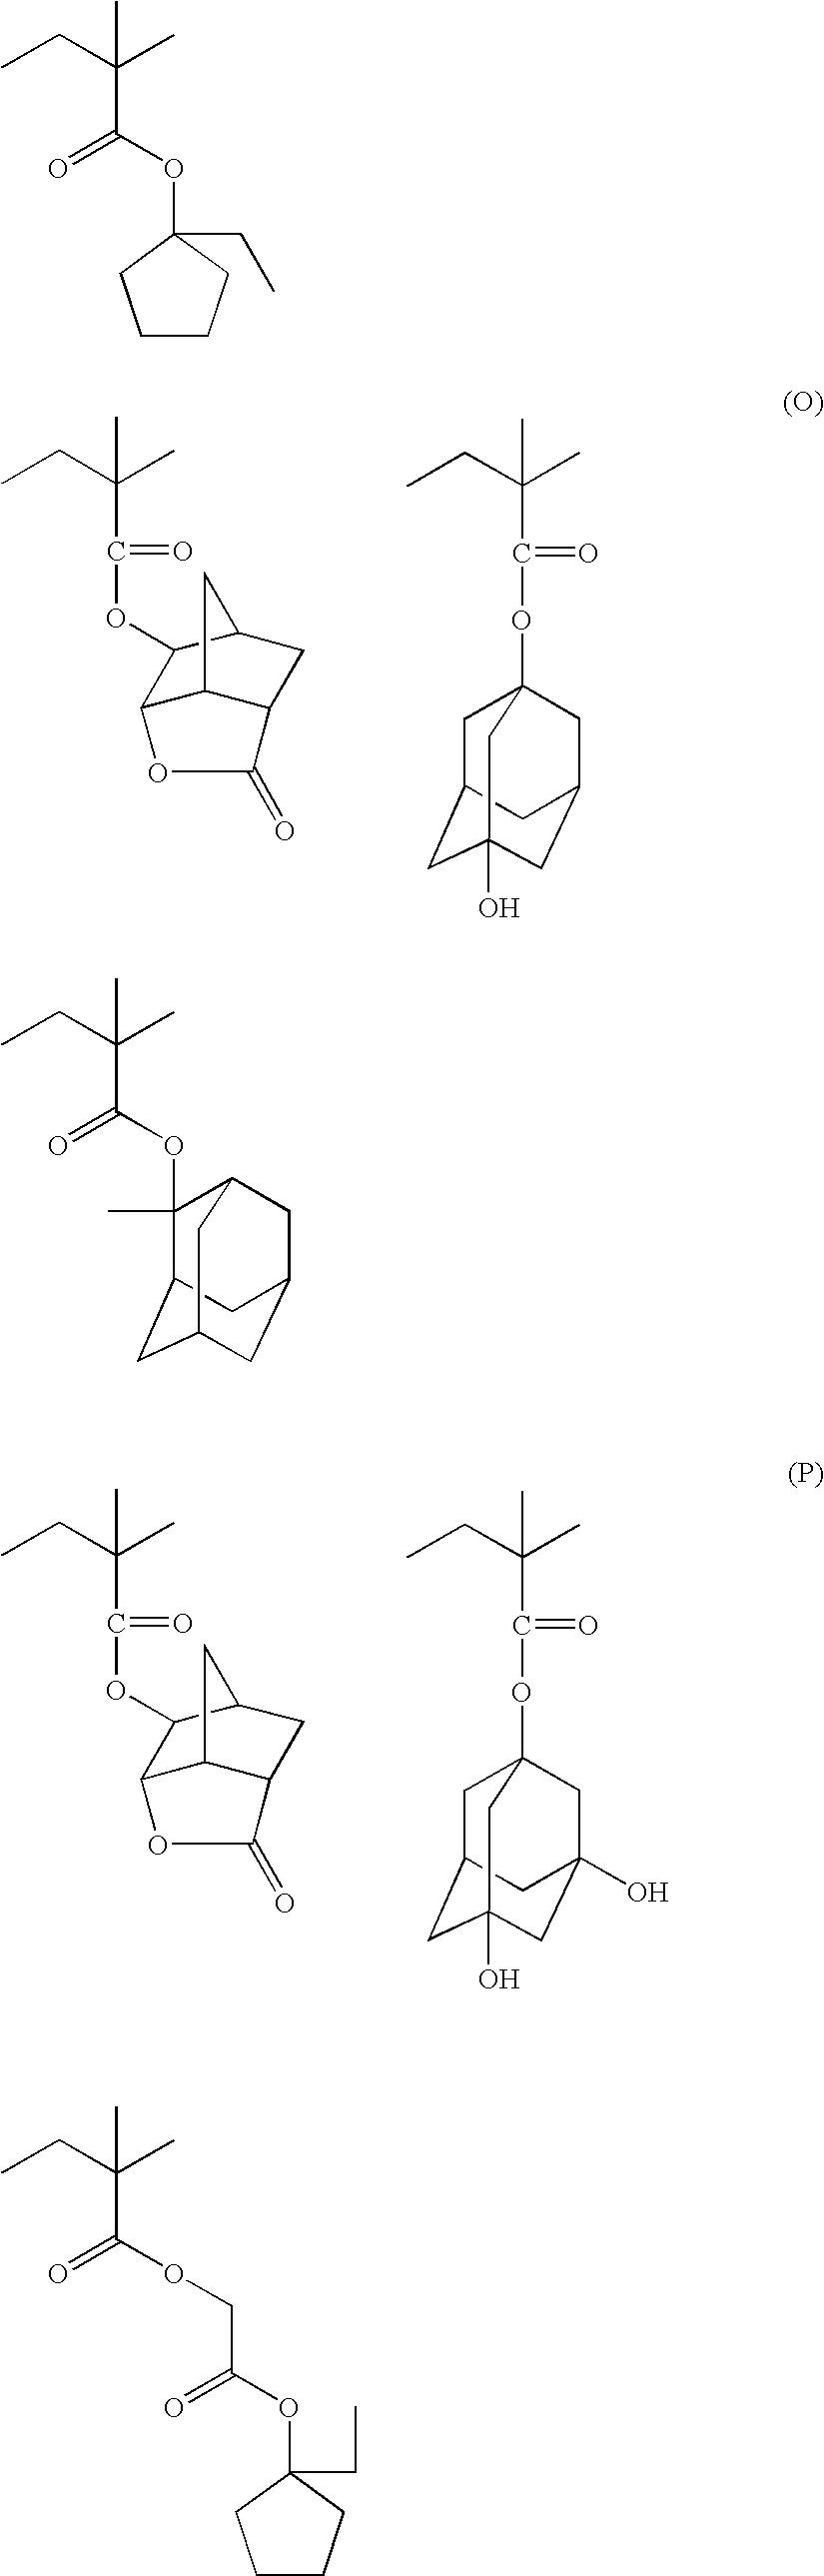 Figure US08530148-20130910-C00097